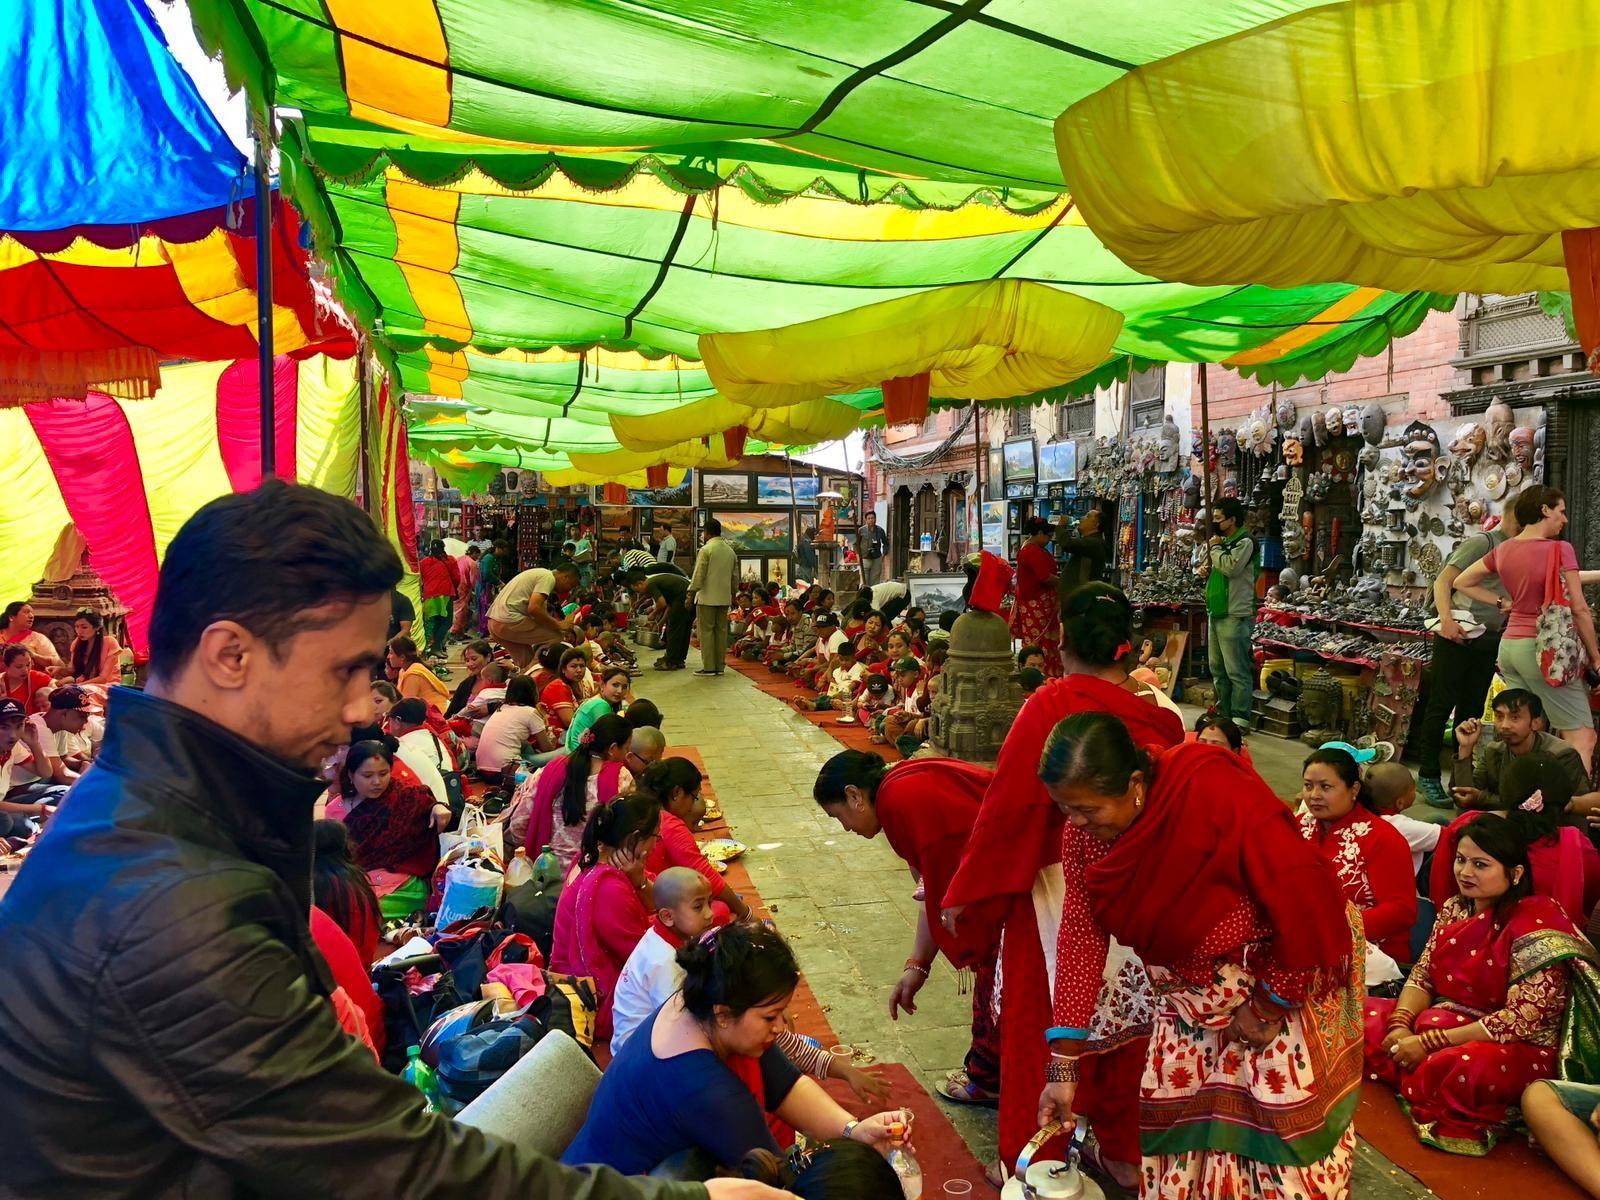 viaggio-in-nepal-6d5831cb658eddc13f894fe